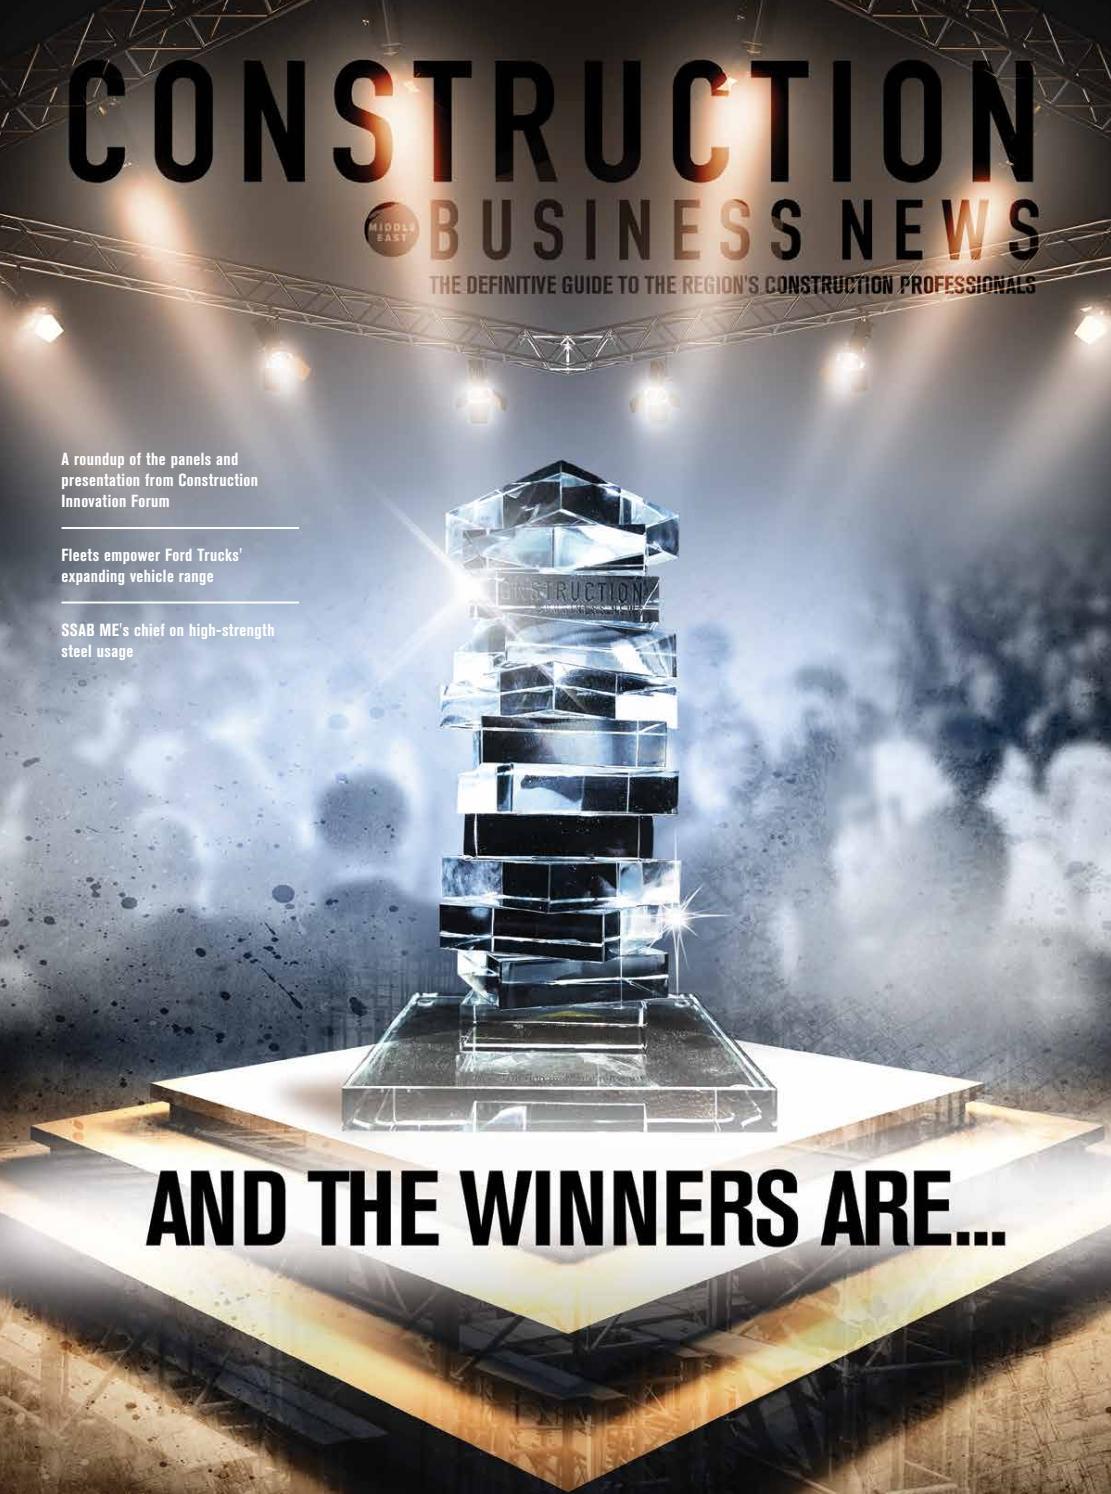 http://www.cbnme.com/magazines/construction-business-news-november-2017/